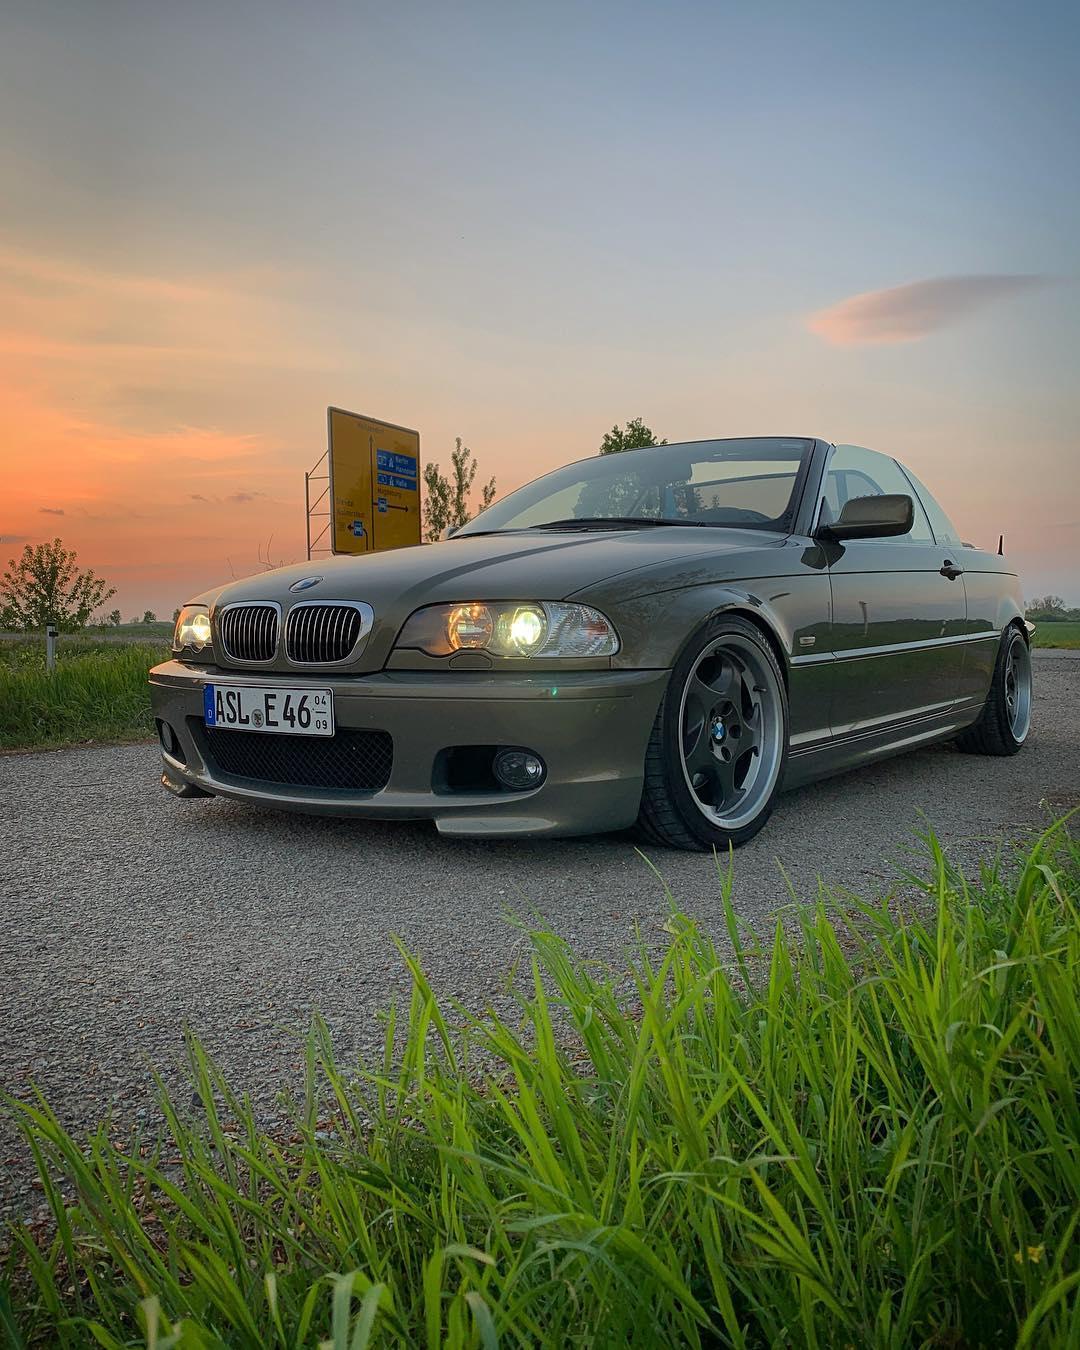 Bmw style 21 wheels e46